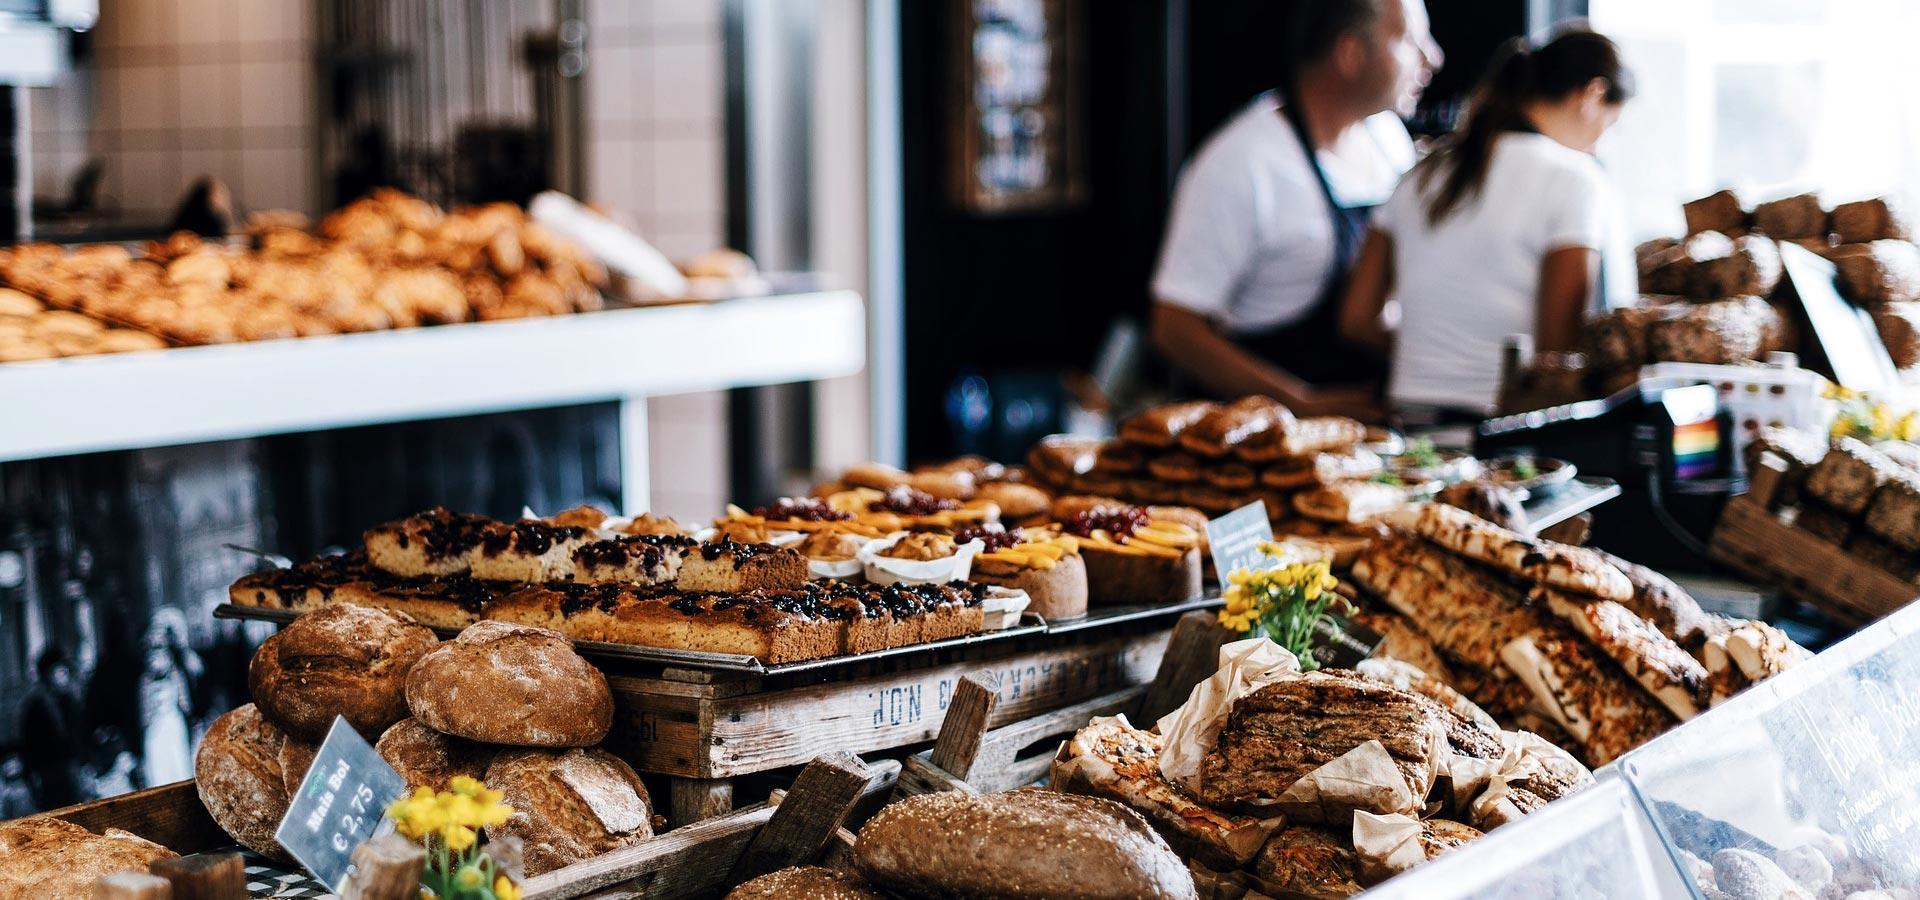 Kaffeevollautomat für Bäckerei Kaffeevollautomat Bäcker Kaffeevollautomat für Bäckerei Kaffeevollautomat für Bäcker Siebträgerkaffeemaschine für Bäckerei Siebträger für Bäckerei Siebträger Bäcker